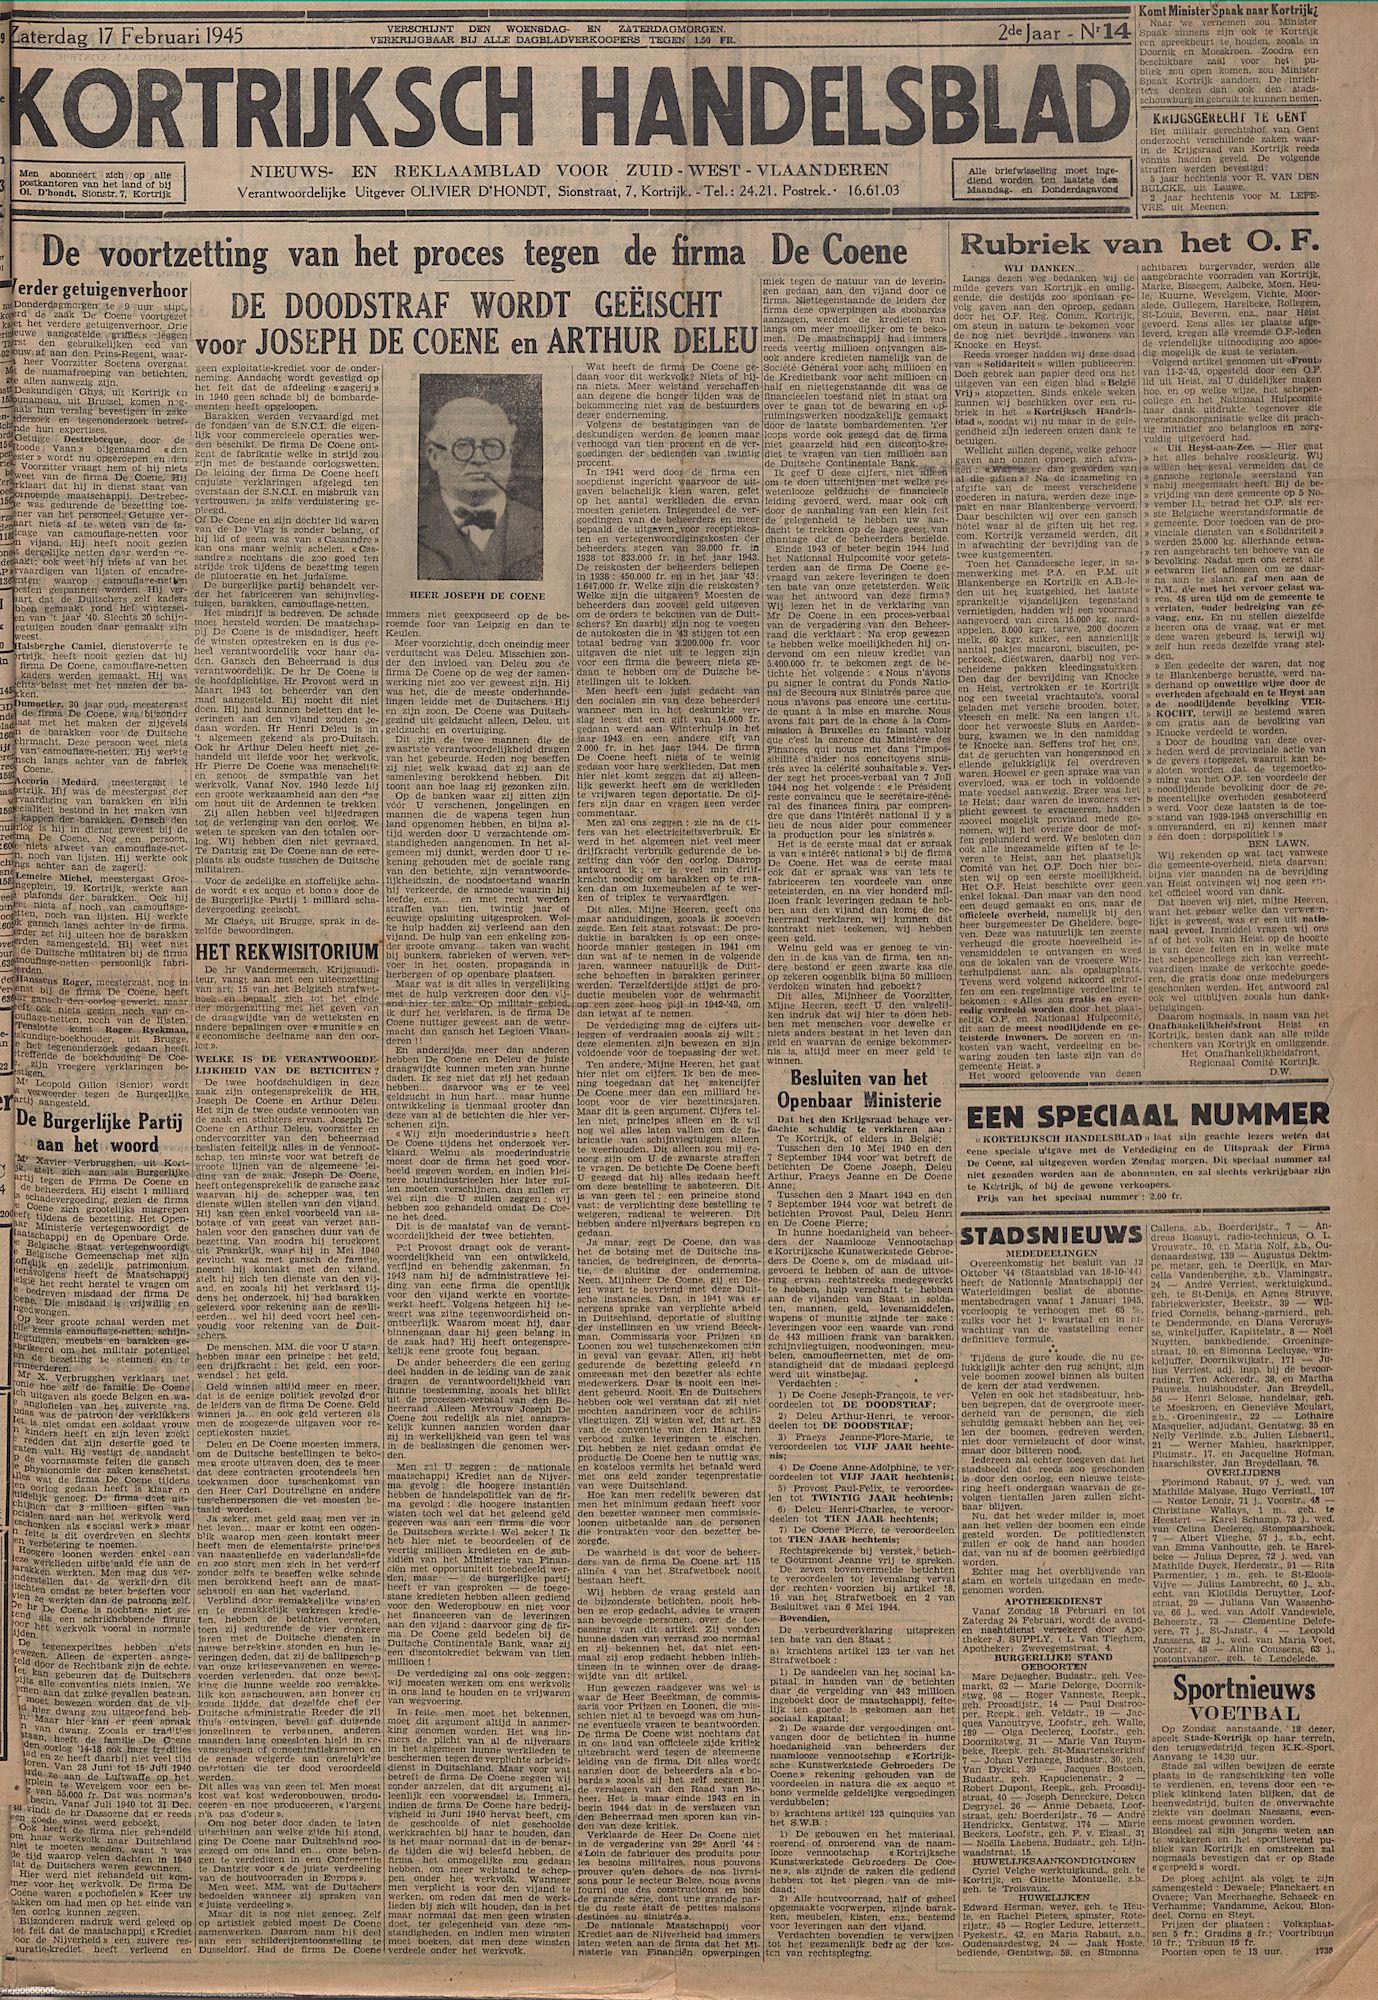 Kortrijksch Handelsblad 17 februari 1945 Nr14 p1